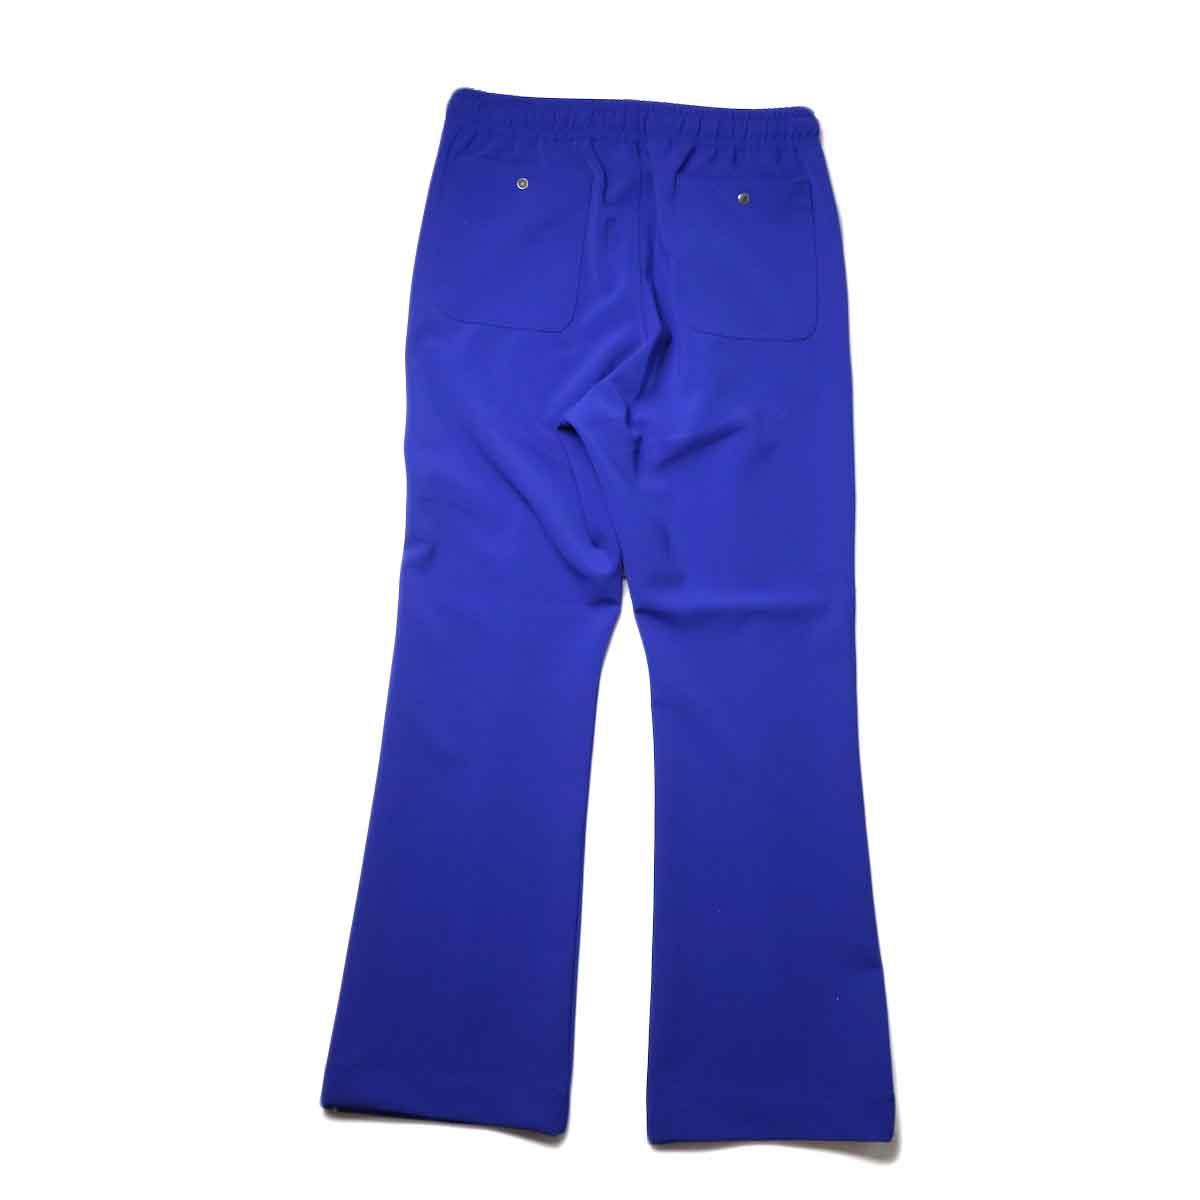 Needles / PIPING COWBOY PANT - PE/PU DOUBLE CLOTH (Royal)背面